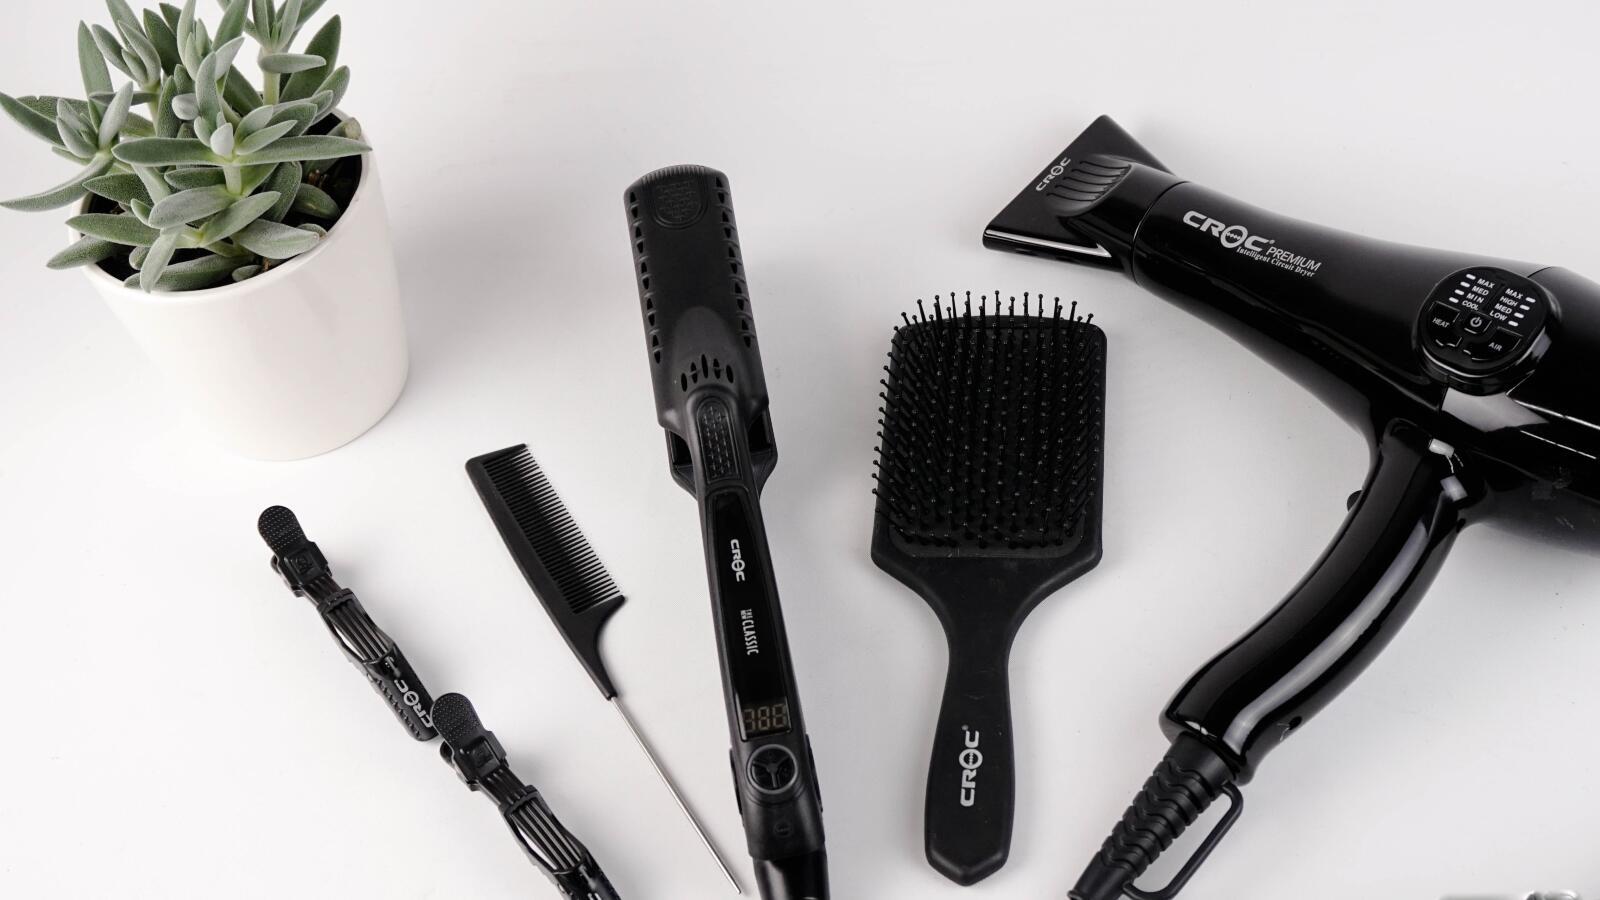 أدوات تجفيف الشعر يمكنها قتل الفيروس